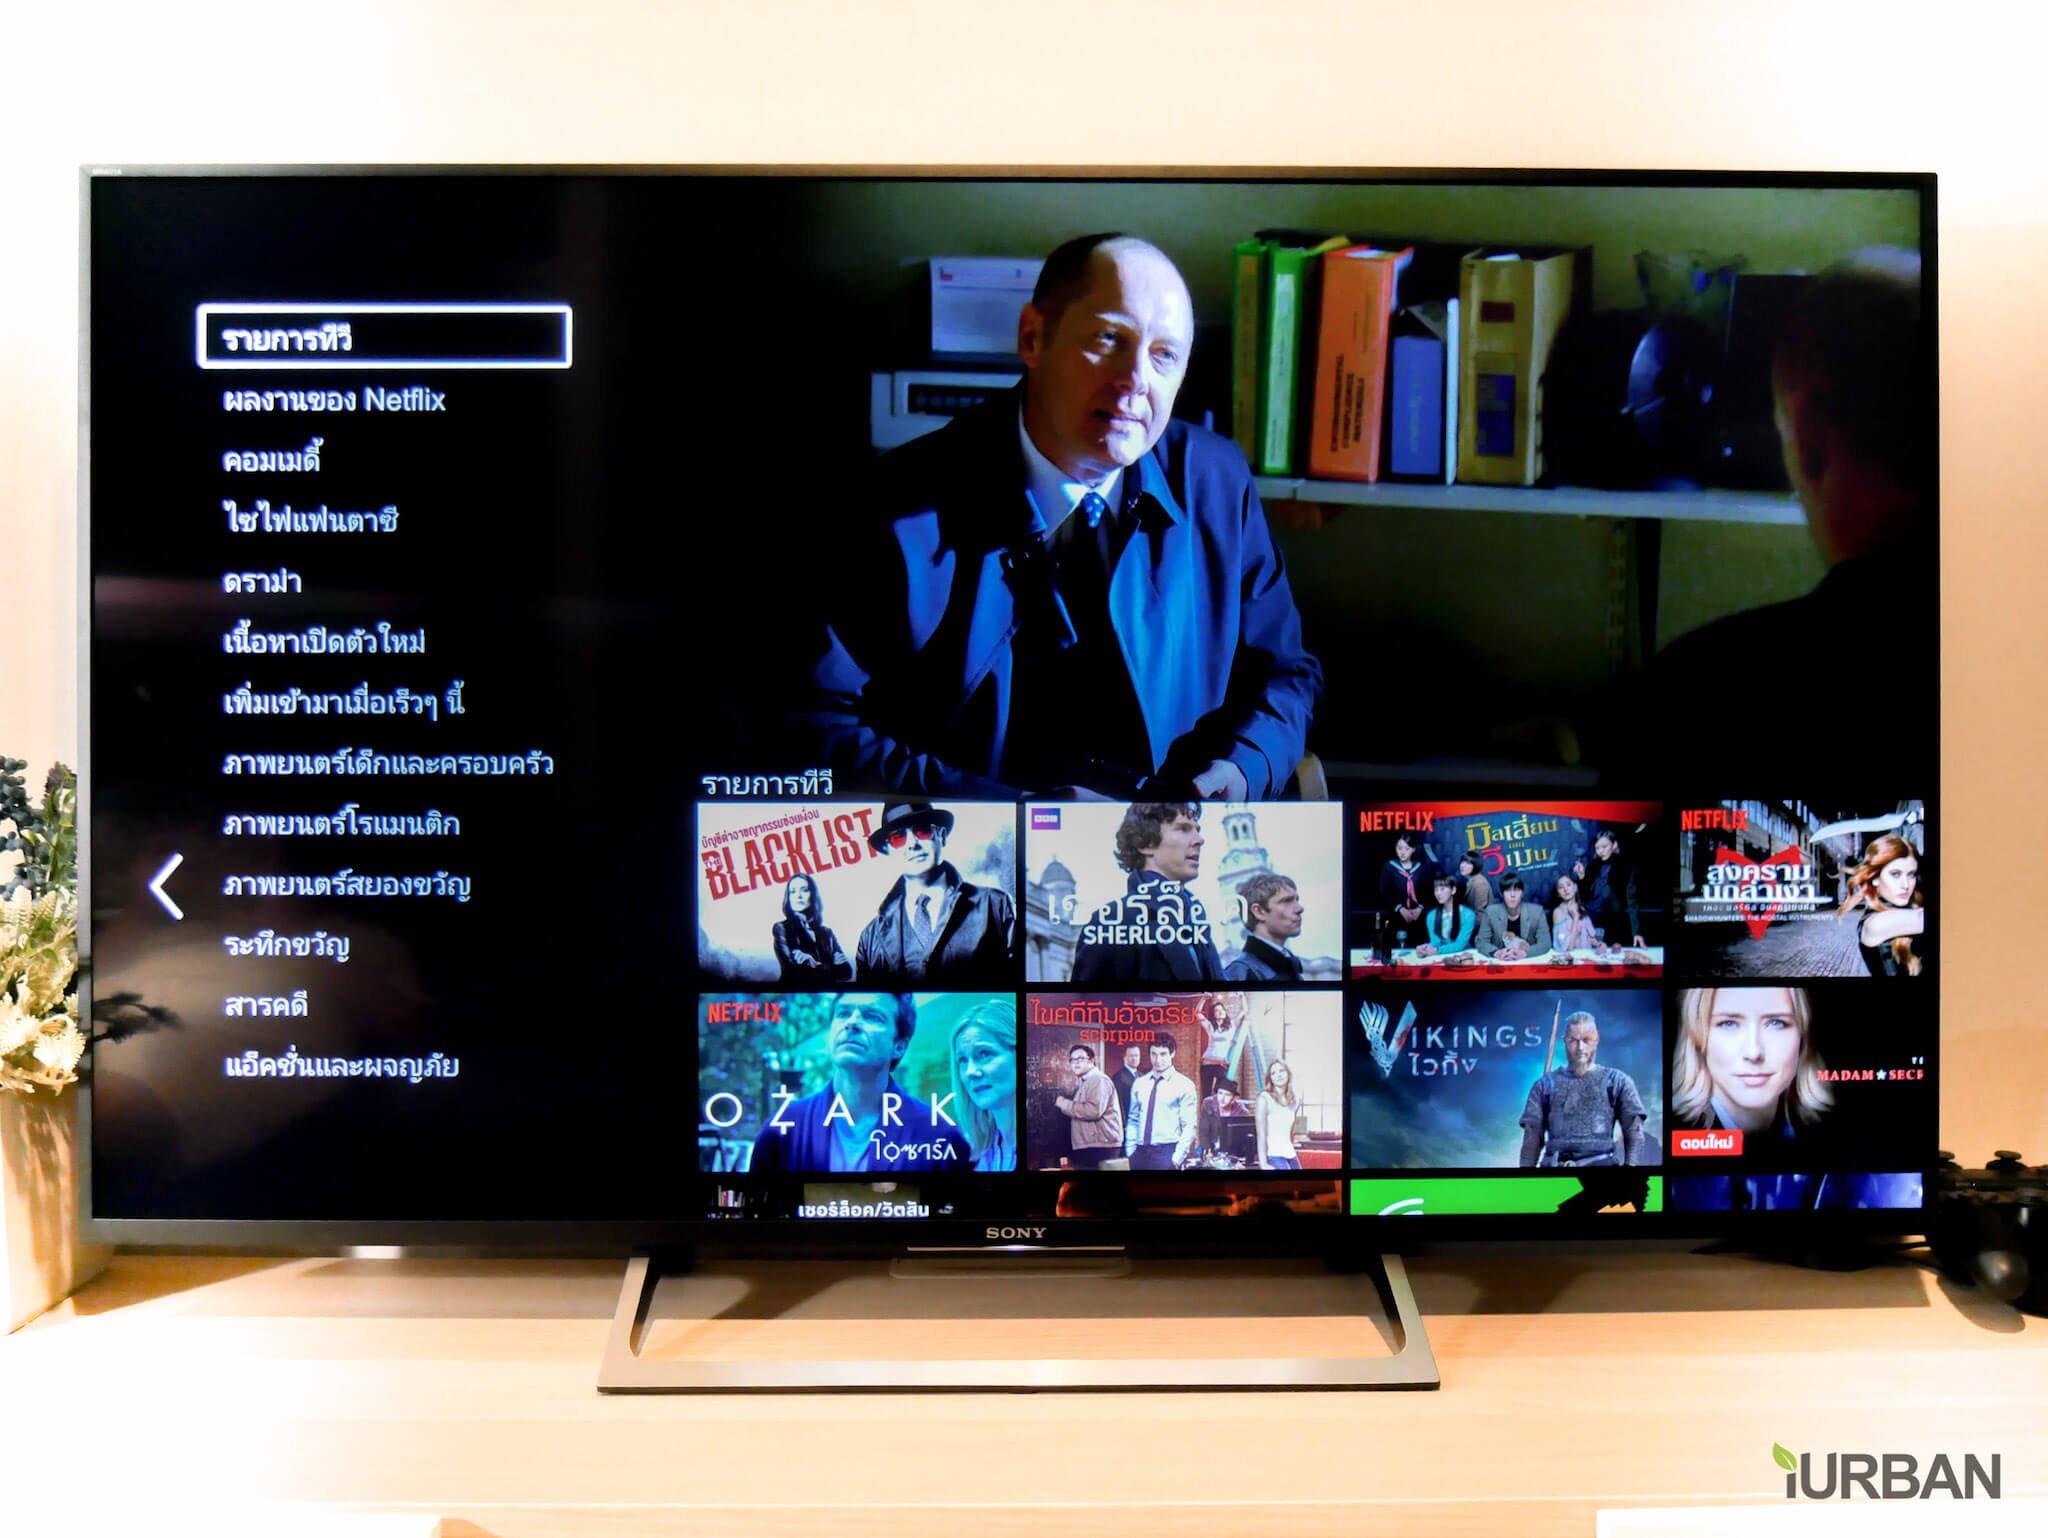 SONY X8500E 4K-HDR Android TV นวัตกรรมที่จะเปลี่ยนชีวิตกับทีวี ให้ไม่เหมือนเดิมอีกต่อไป 63 - Android